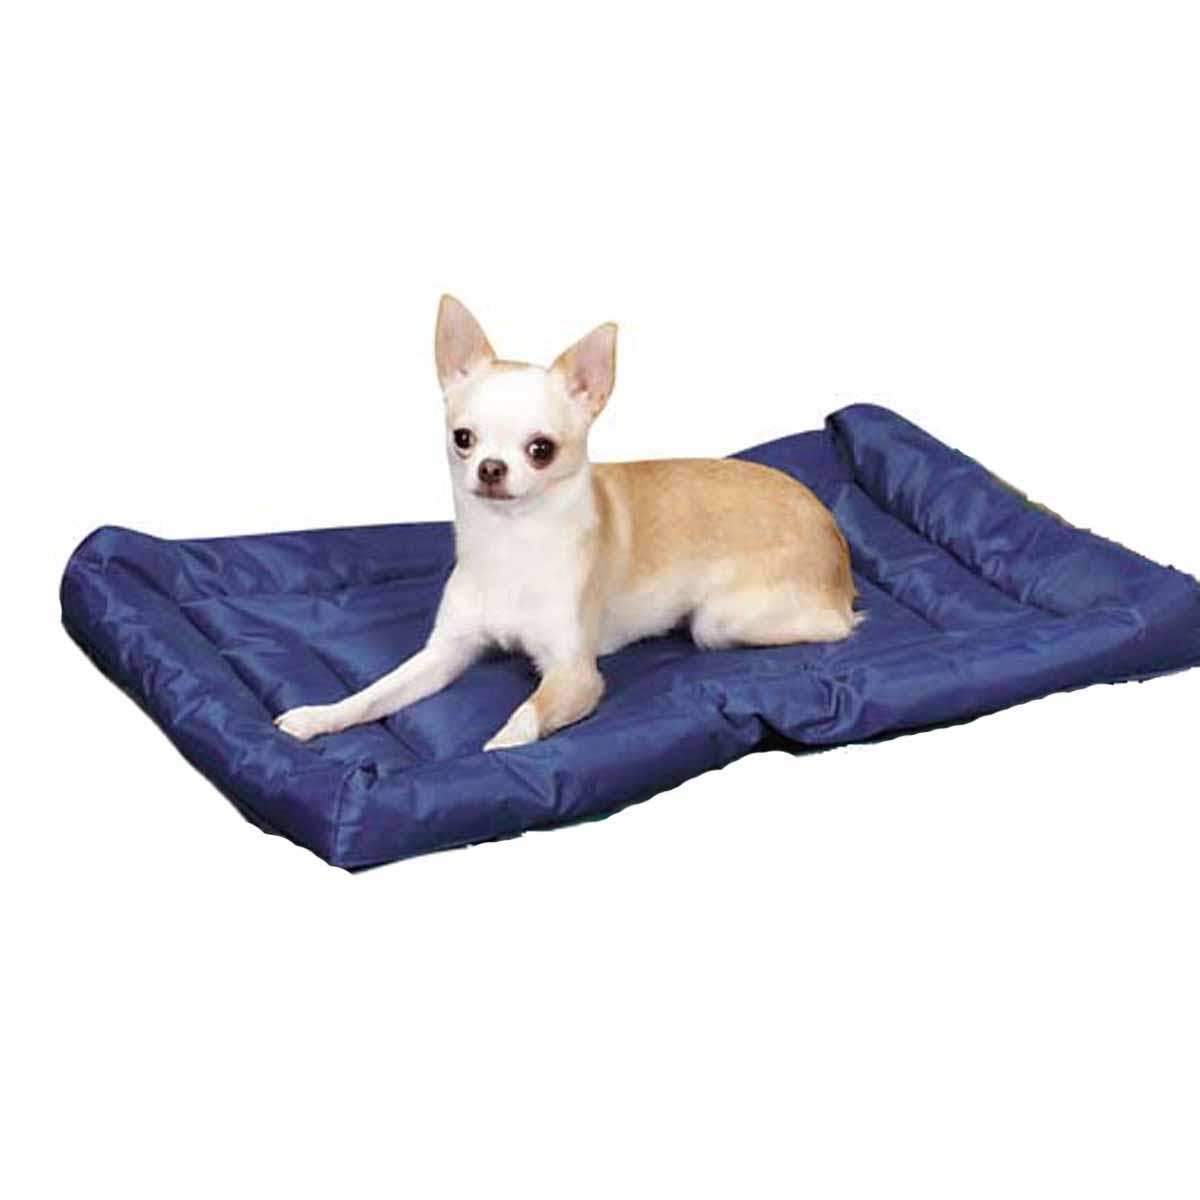 Slumber Pet Water-Resistant Dog Bed - Royal Blue